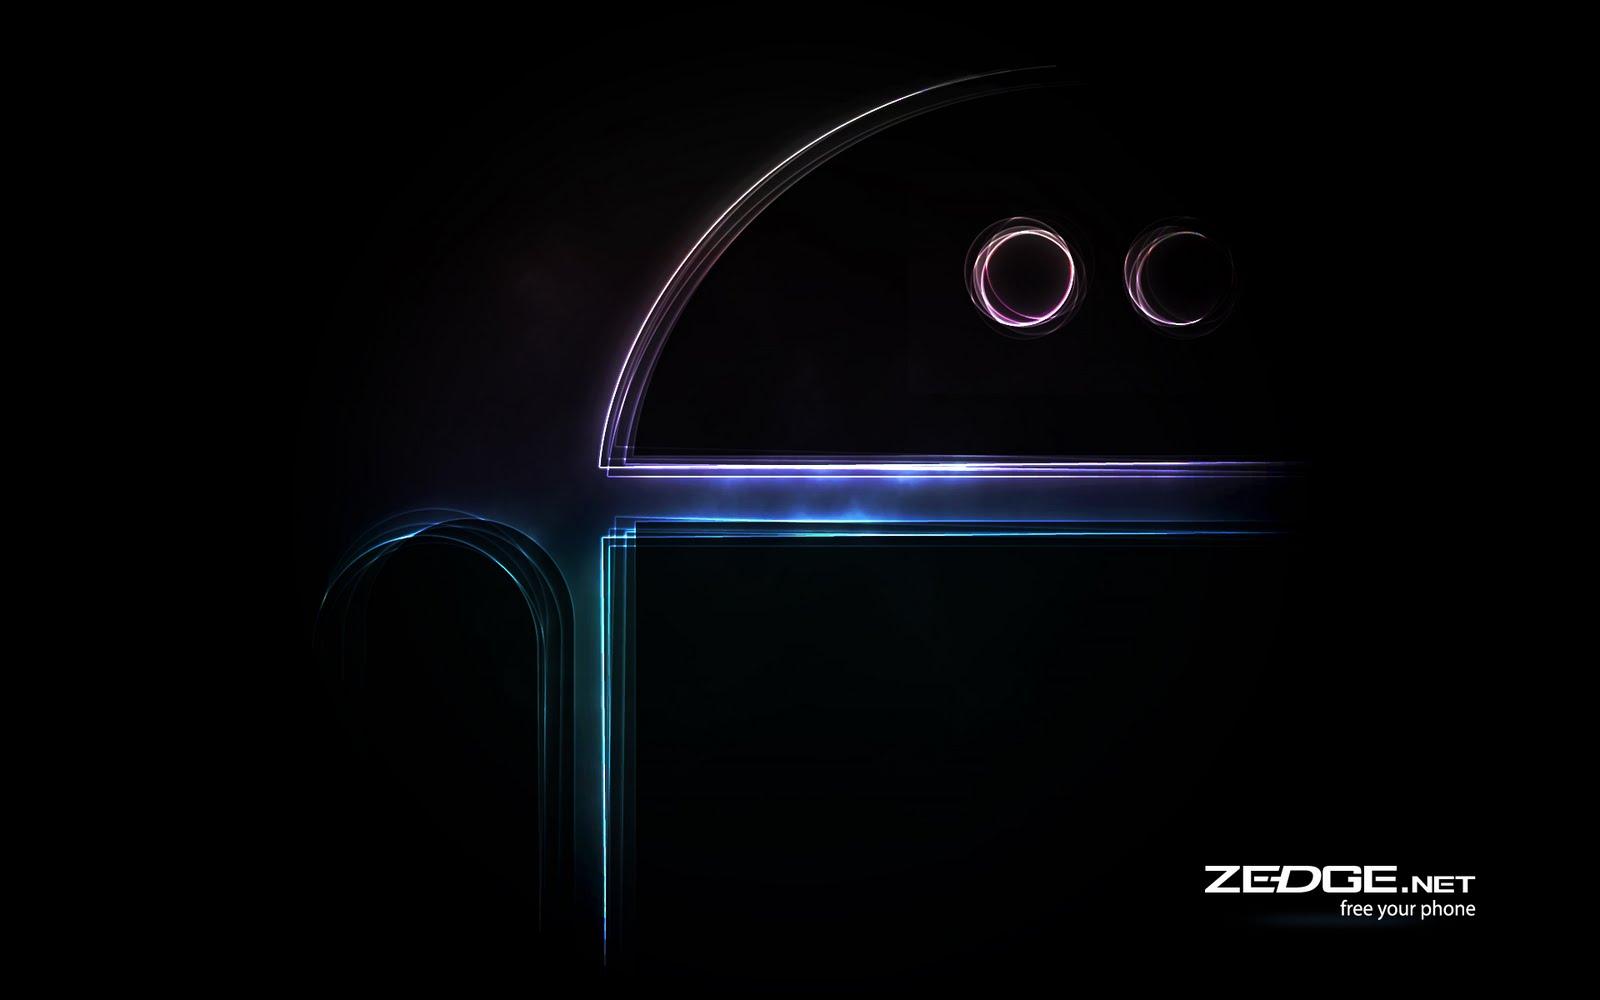 zedge wallpaper www smscs 1600x1000